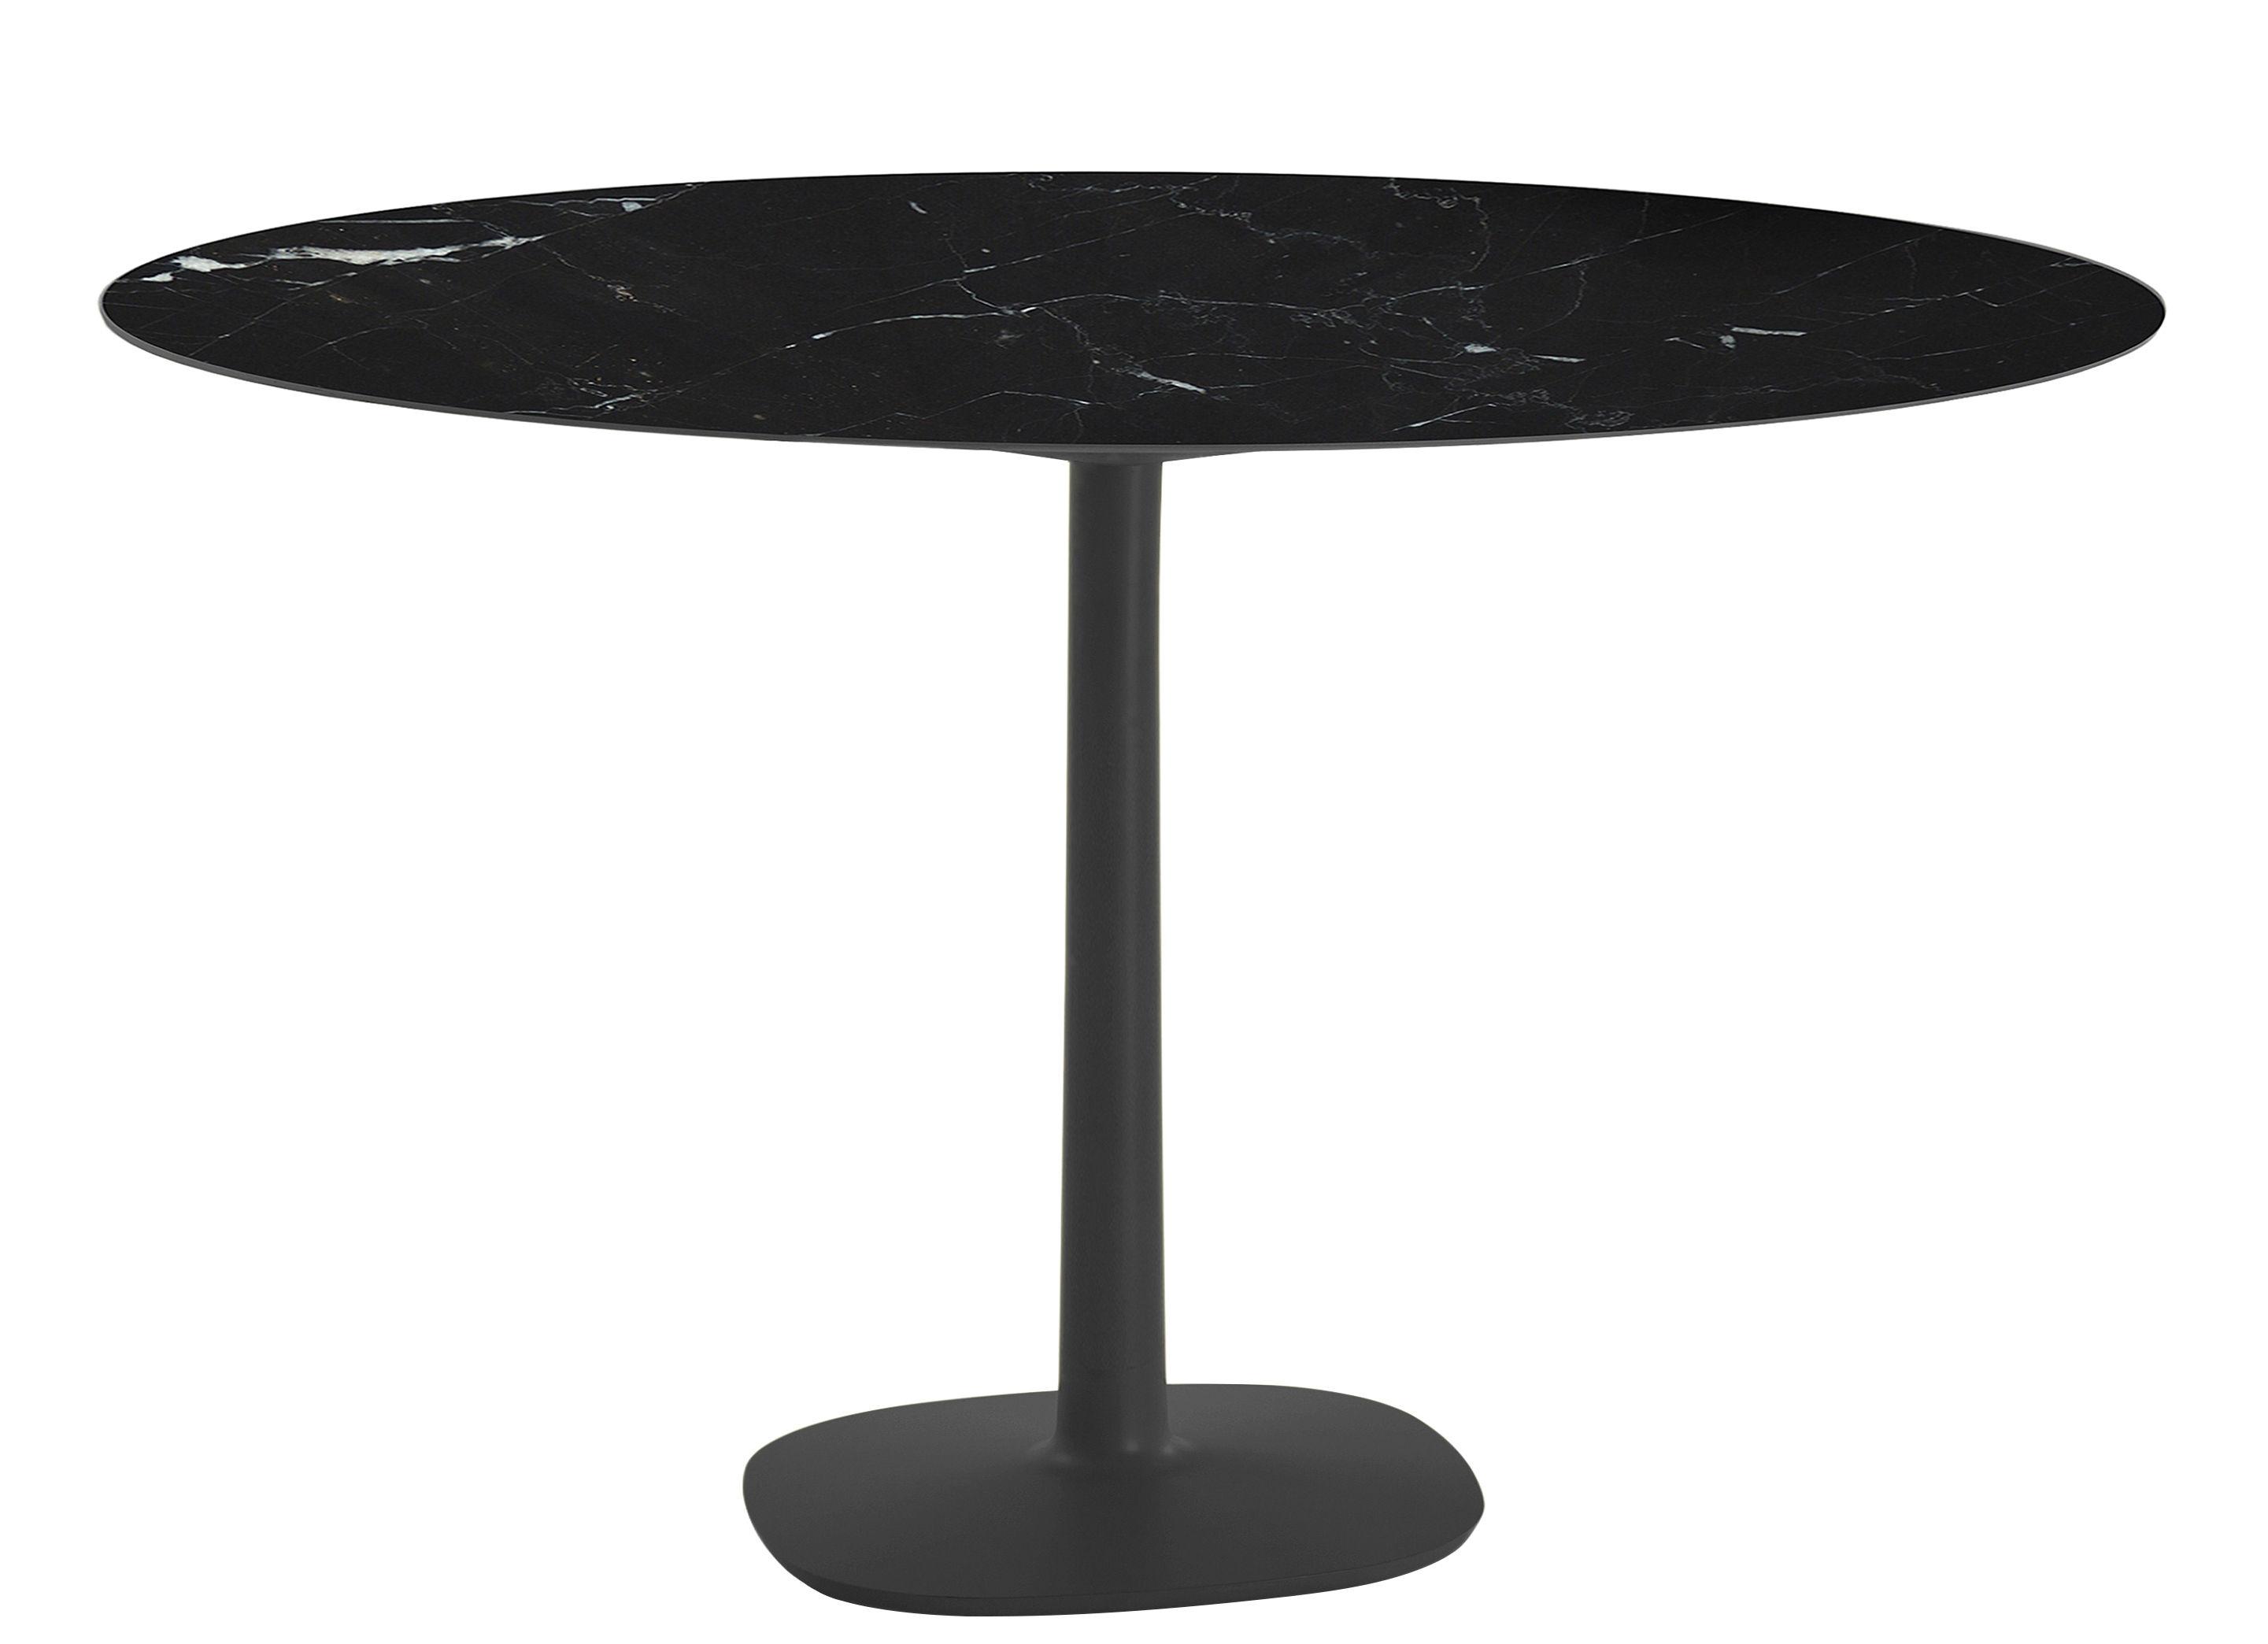 Table ronde Multiplo indoor/outdoor - Kartell - Noir - h 74 x Ø 118 ...